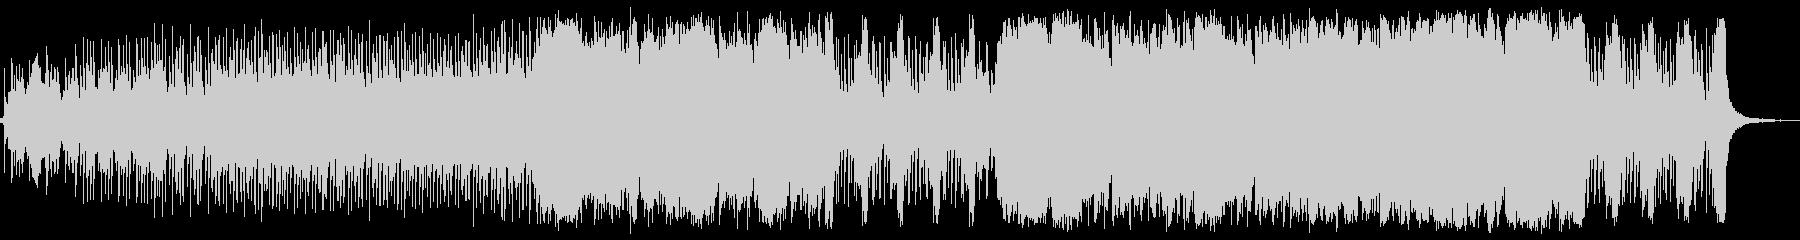 ジャングルのシーンBGMの未再生の波形